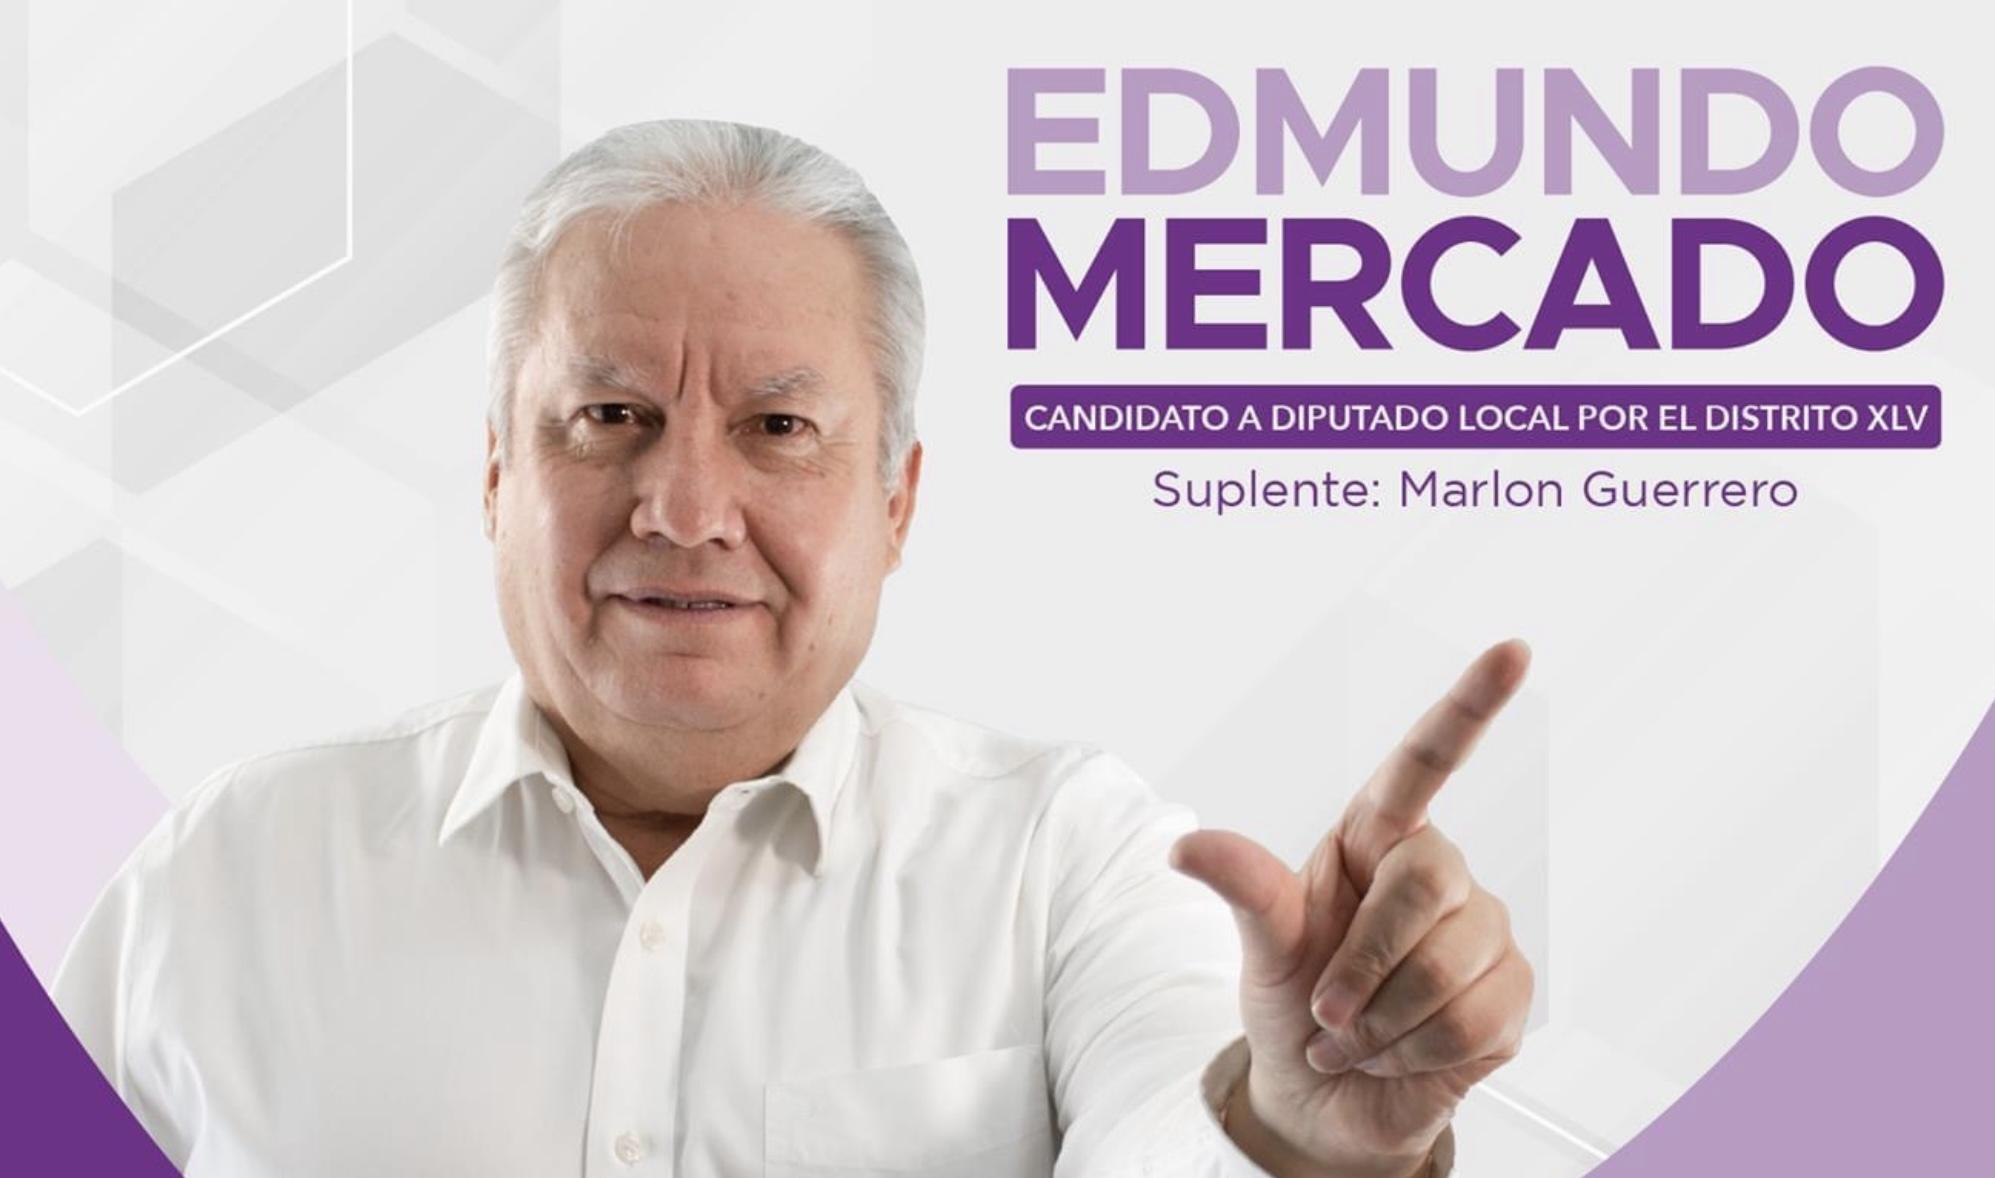 Trabajo y Seguridad Social Universal, las propuestas de Edmundo Mercado